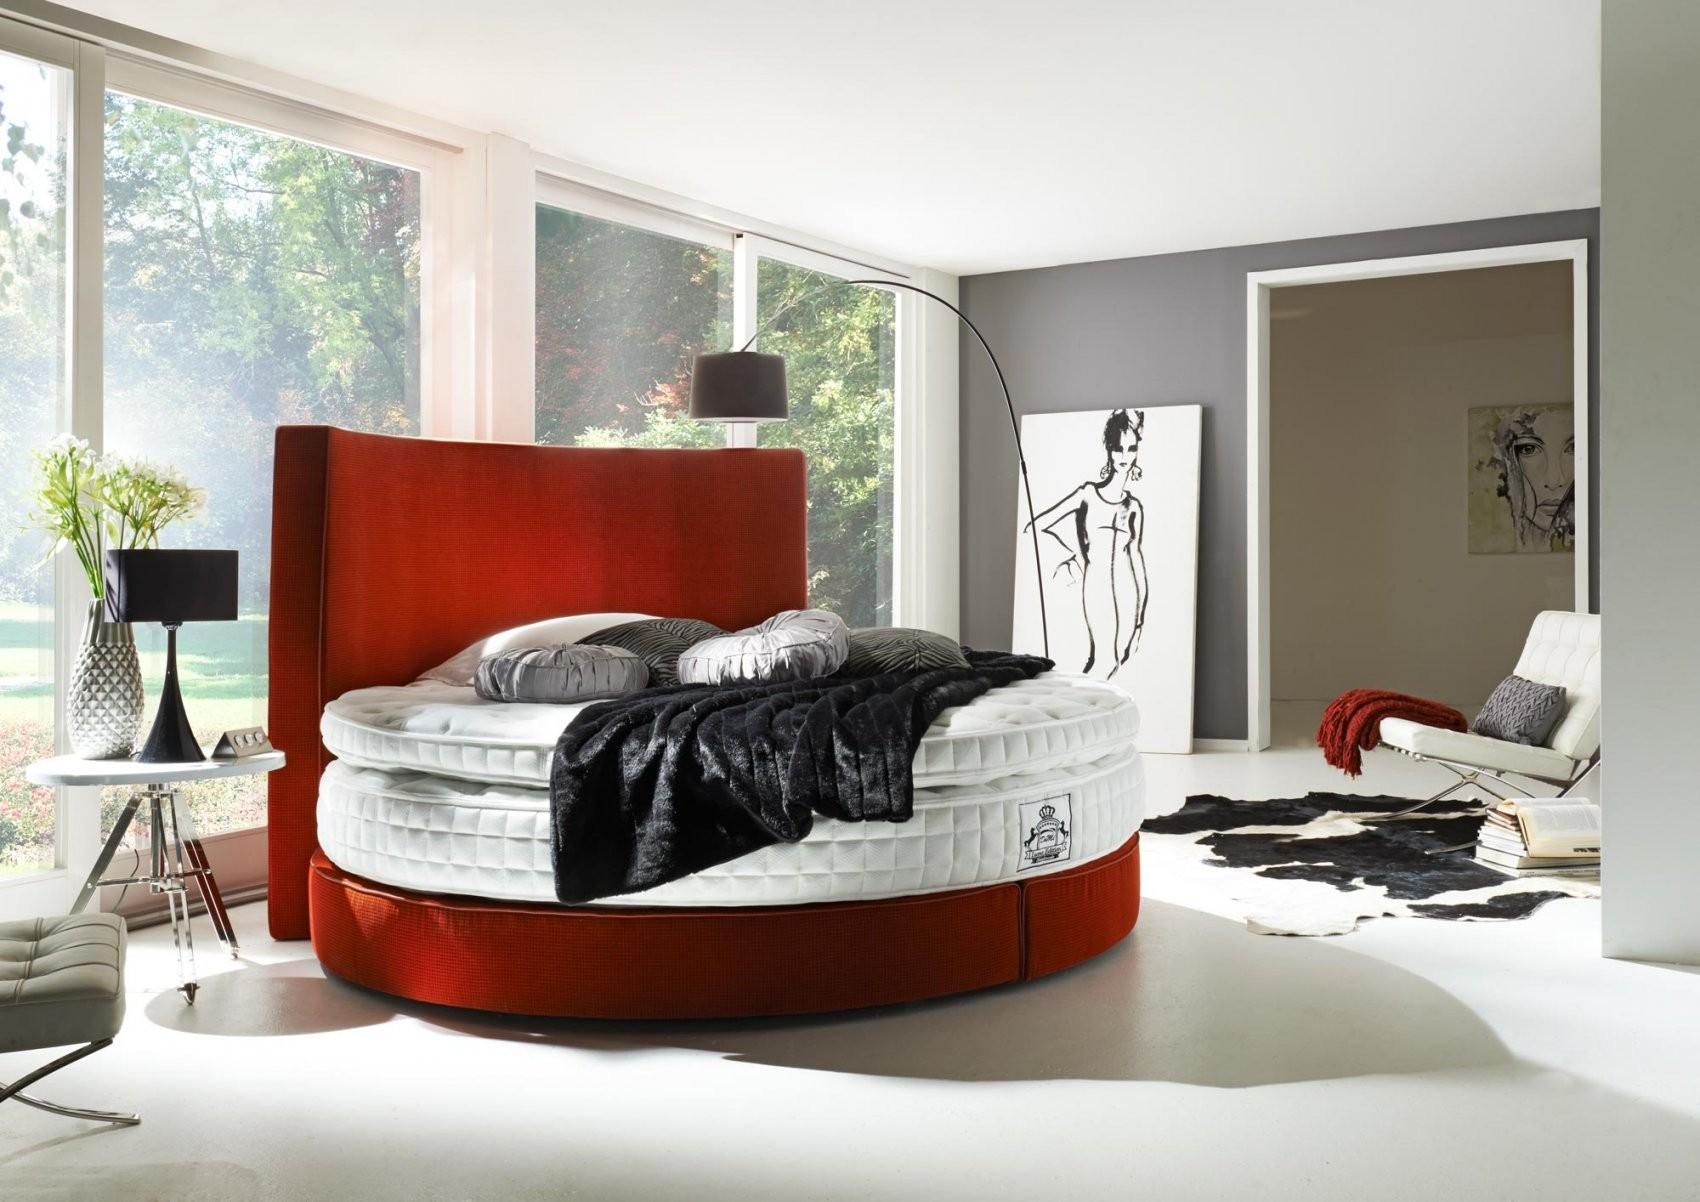 """Boxspringbett """"rondo"""" Liegefläche Rund 225 Cm In Vielen Farben von Boxspring Bett Kaufen Bild"""